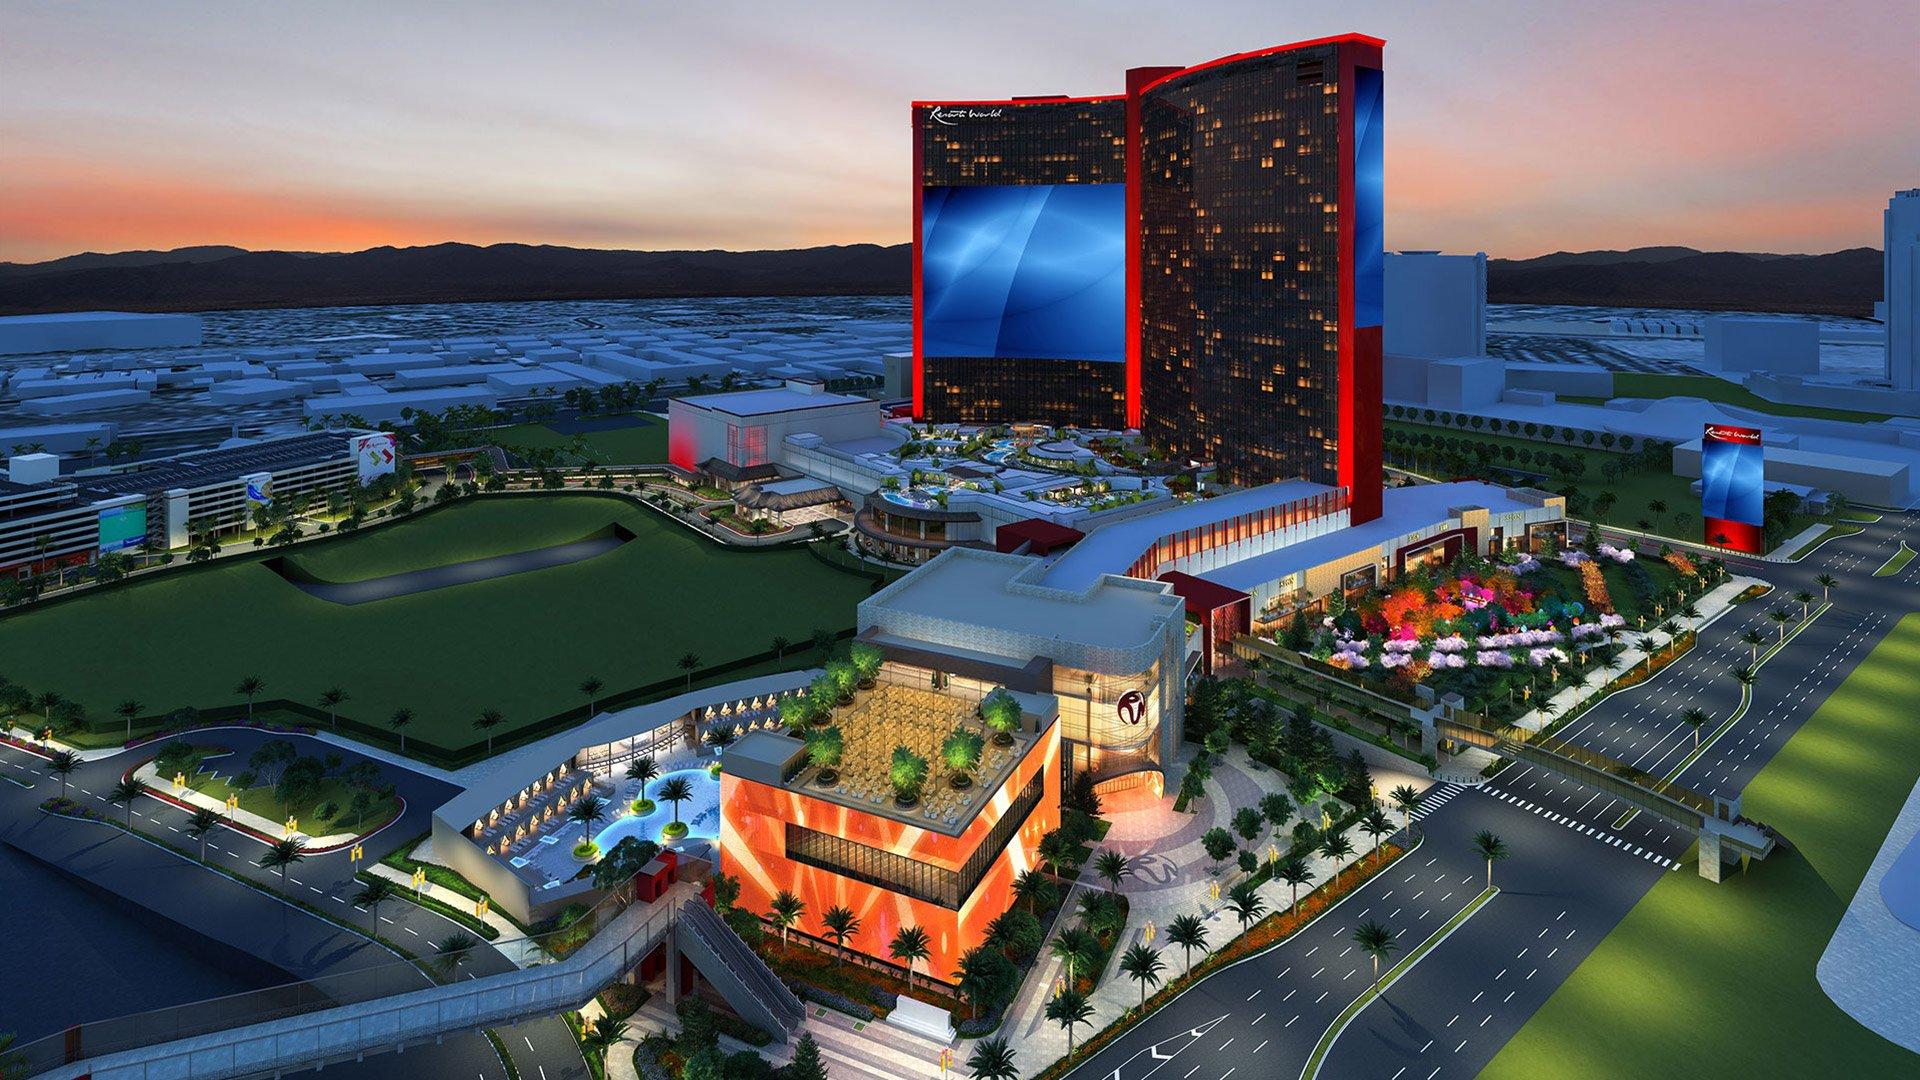 У строителей казино в Лас-Вегасе обнаружен коронавирус